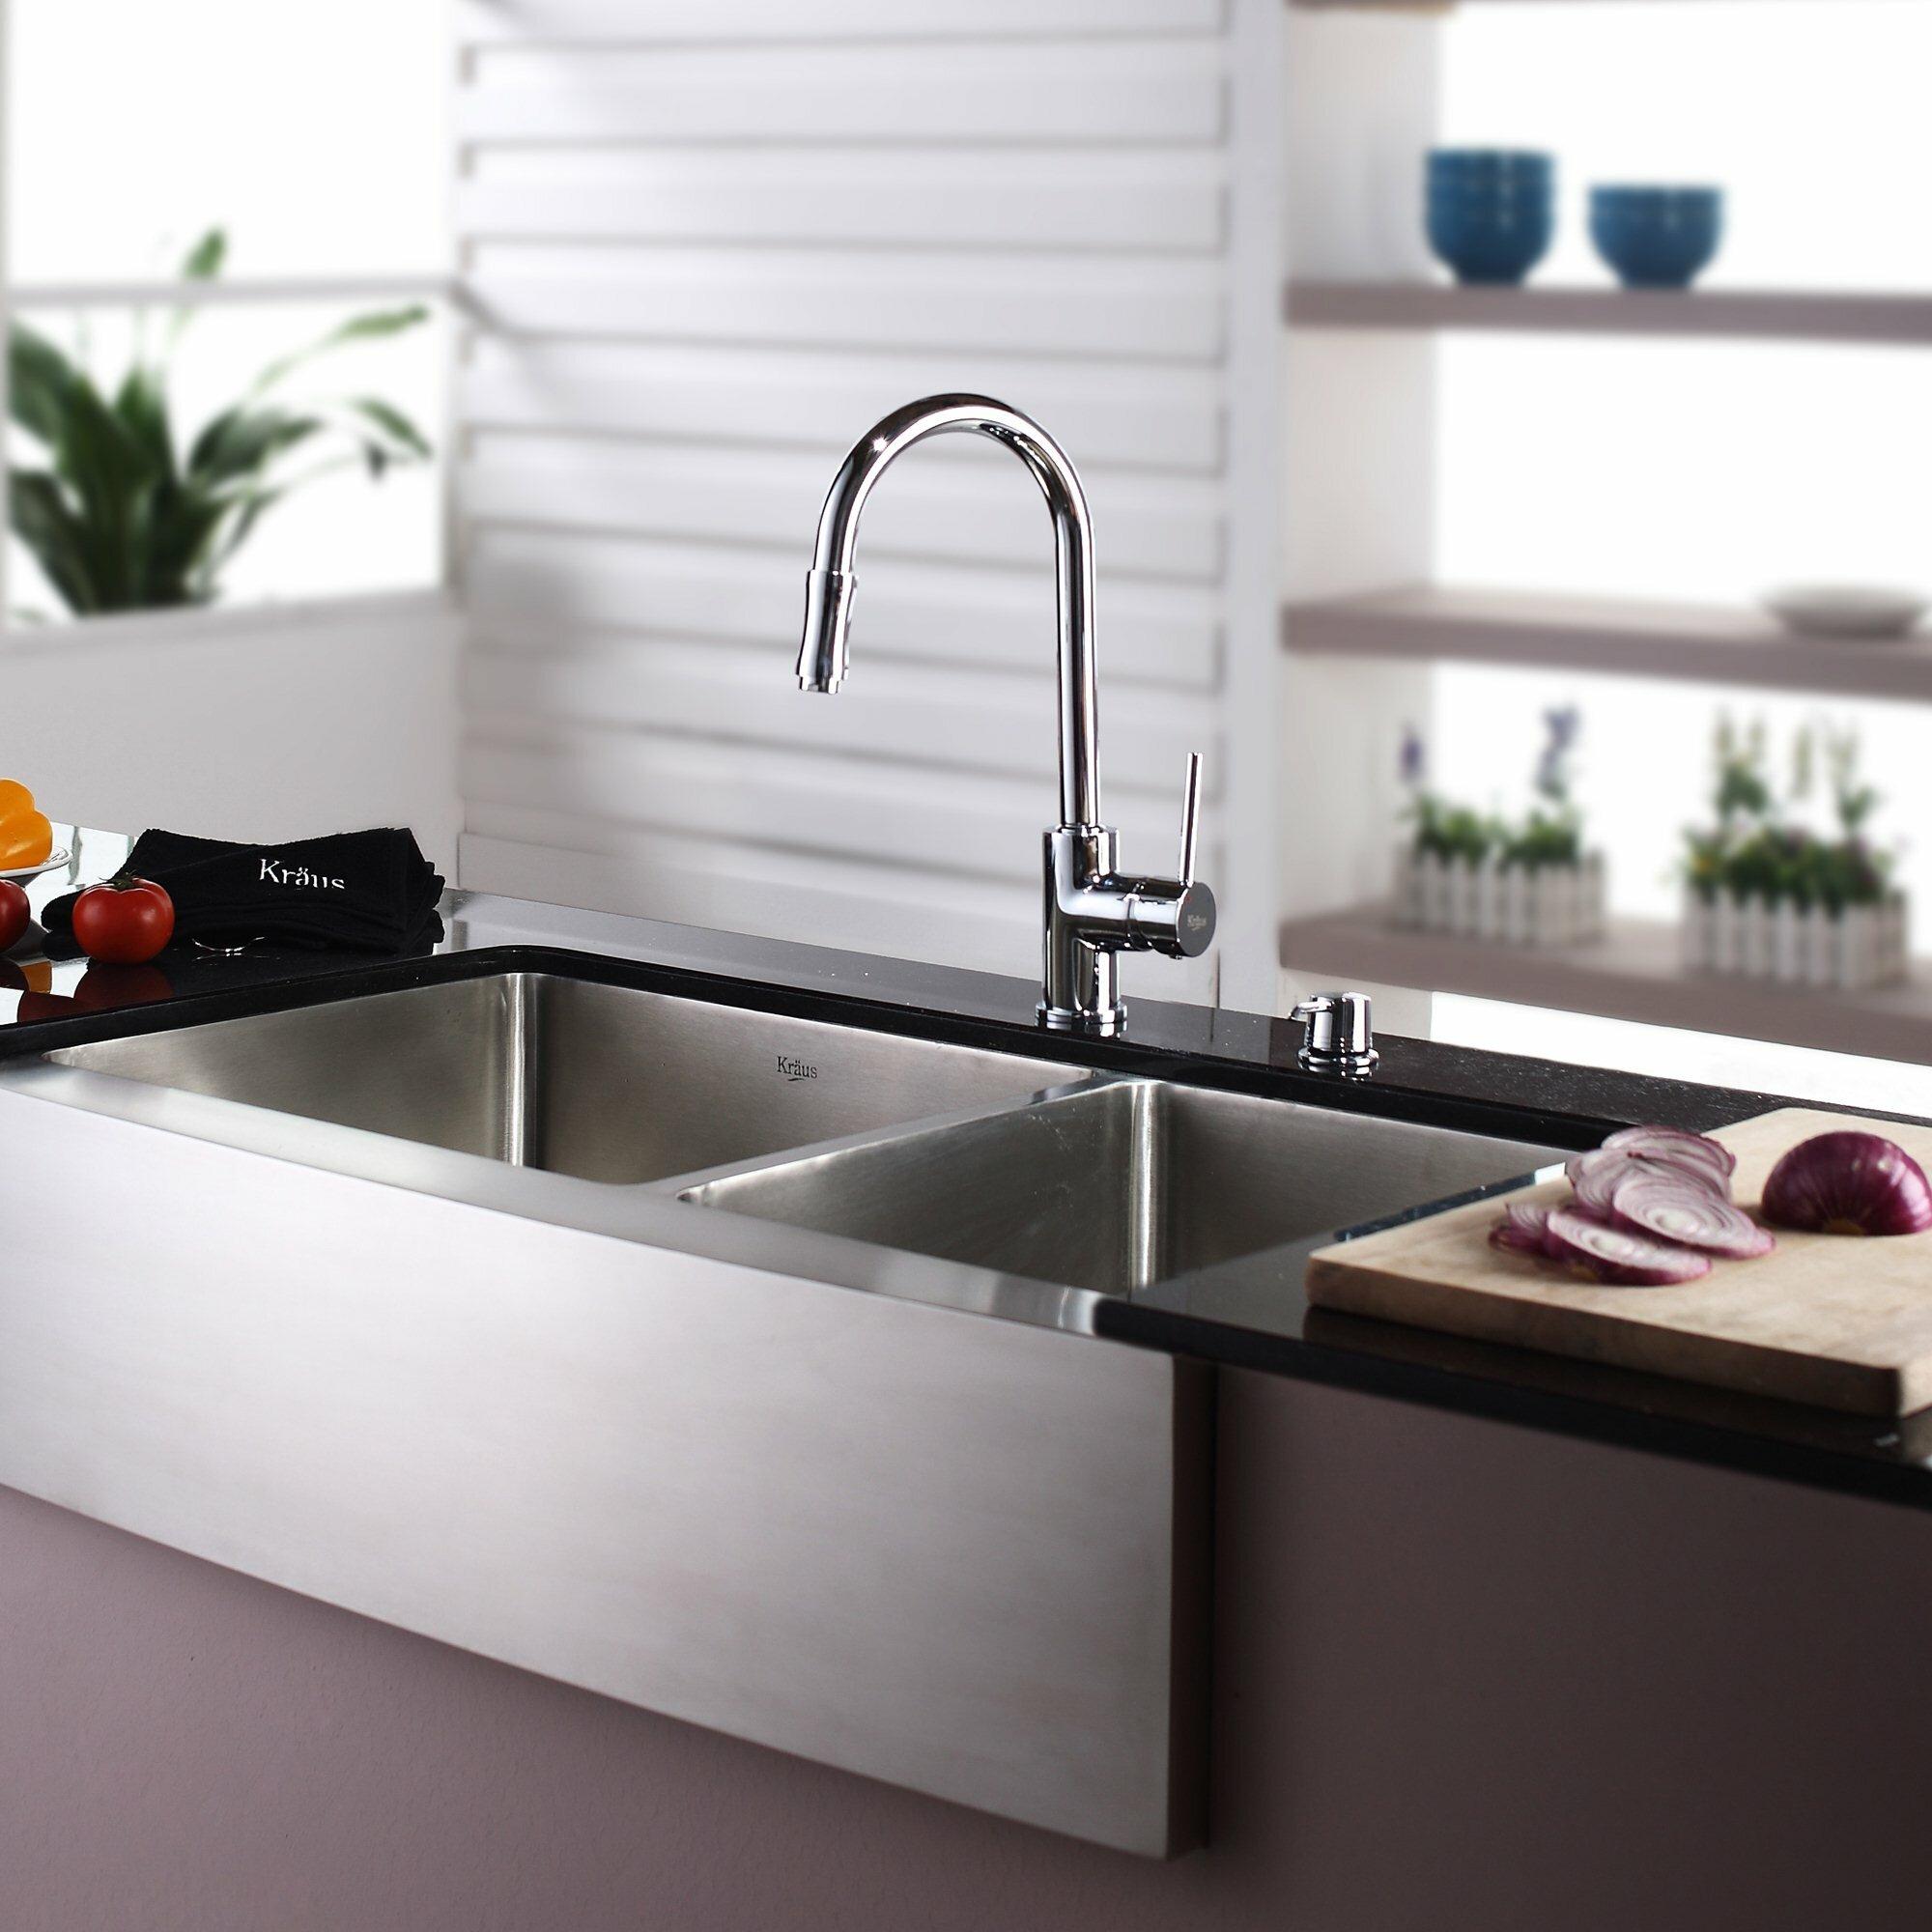 Farmhouse Double Bowl Kitchen Sink : 35.88